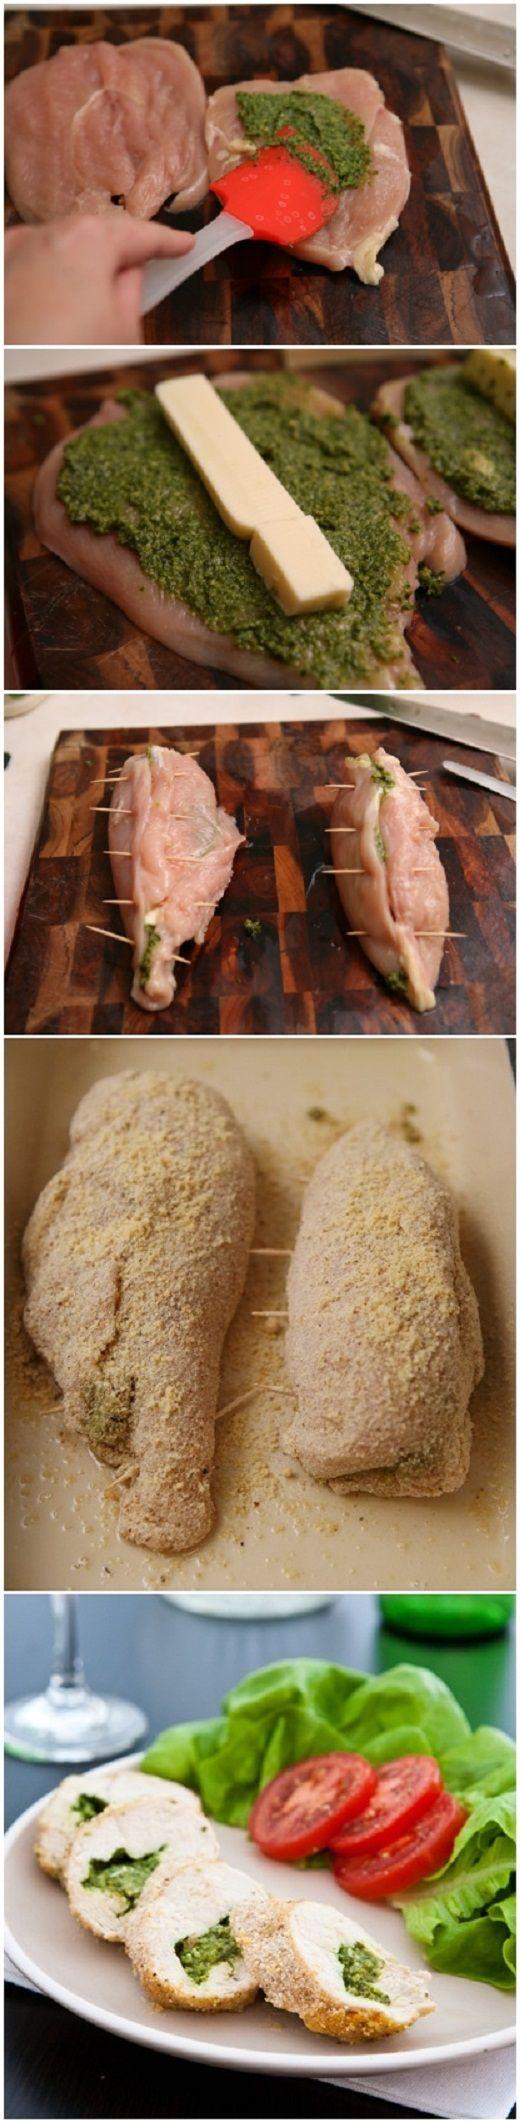 Mozzarella-Pesto Stuffed Chicken Breasts   Pesto sauce ...